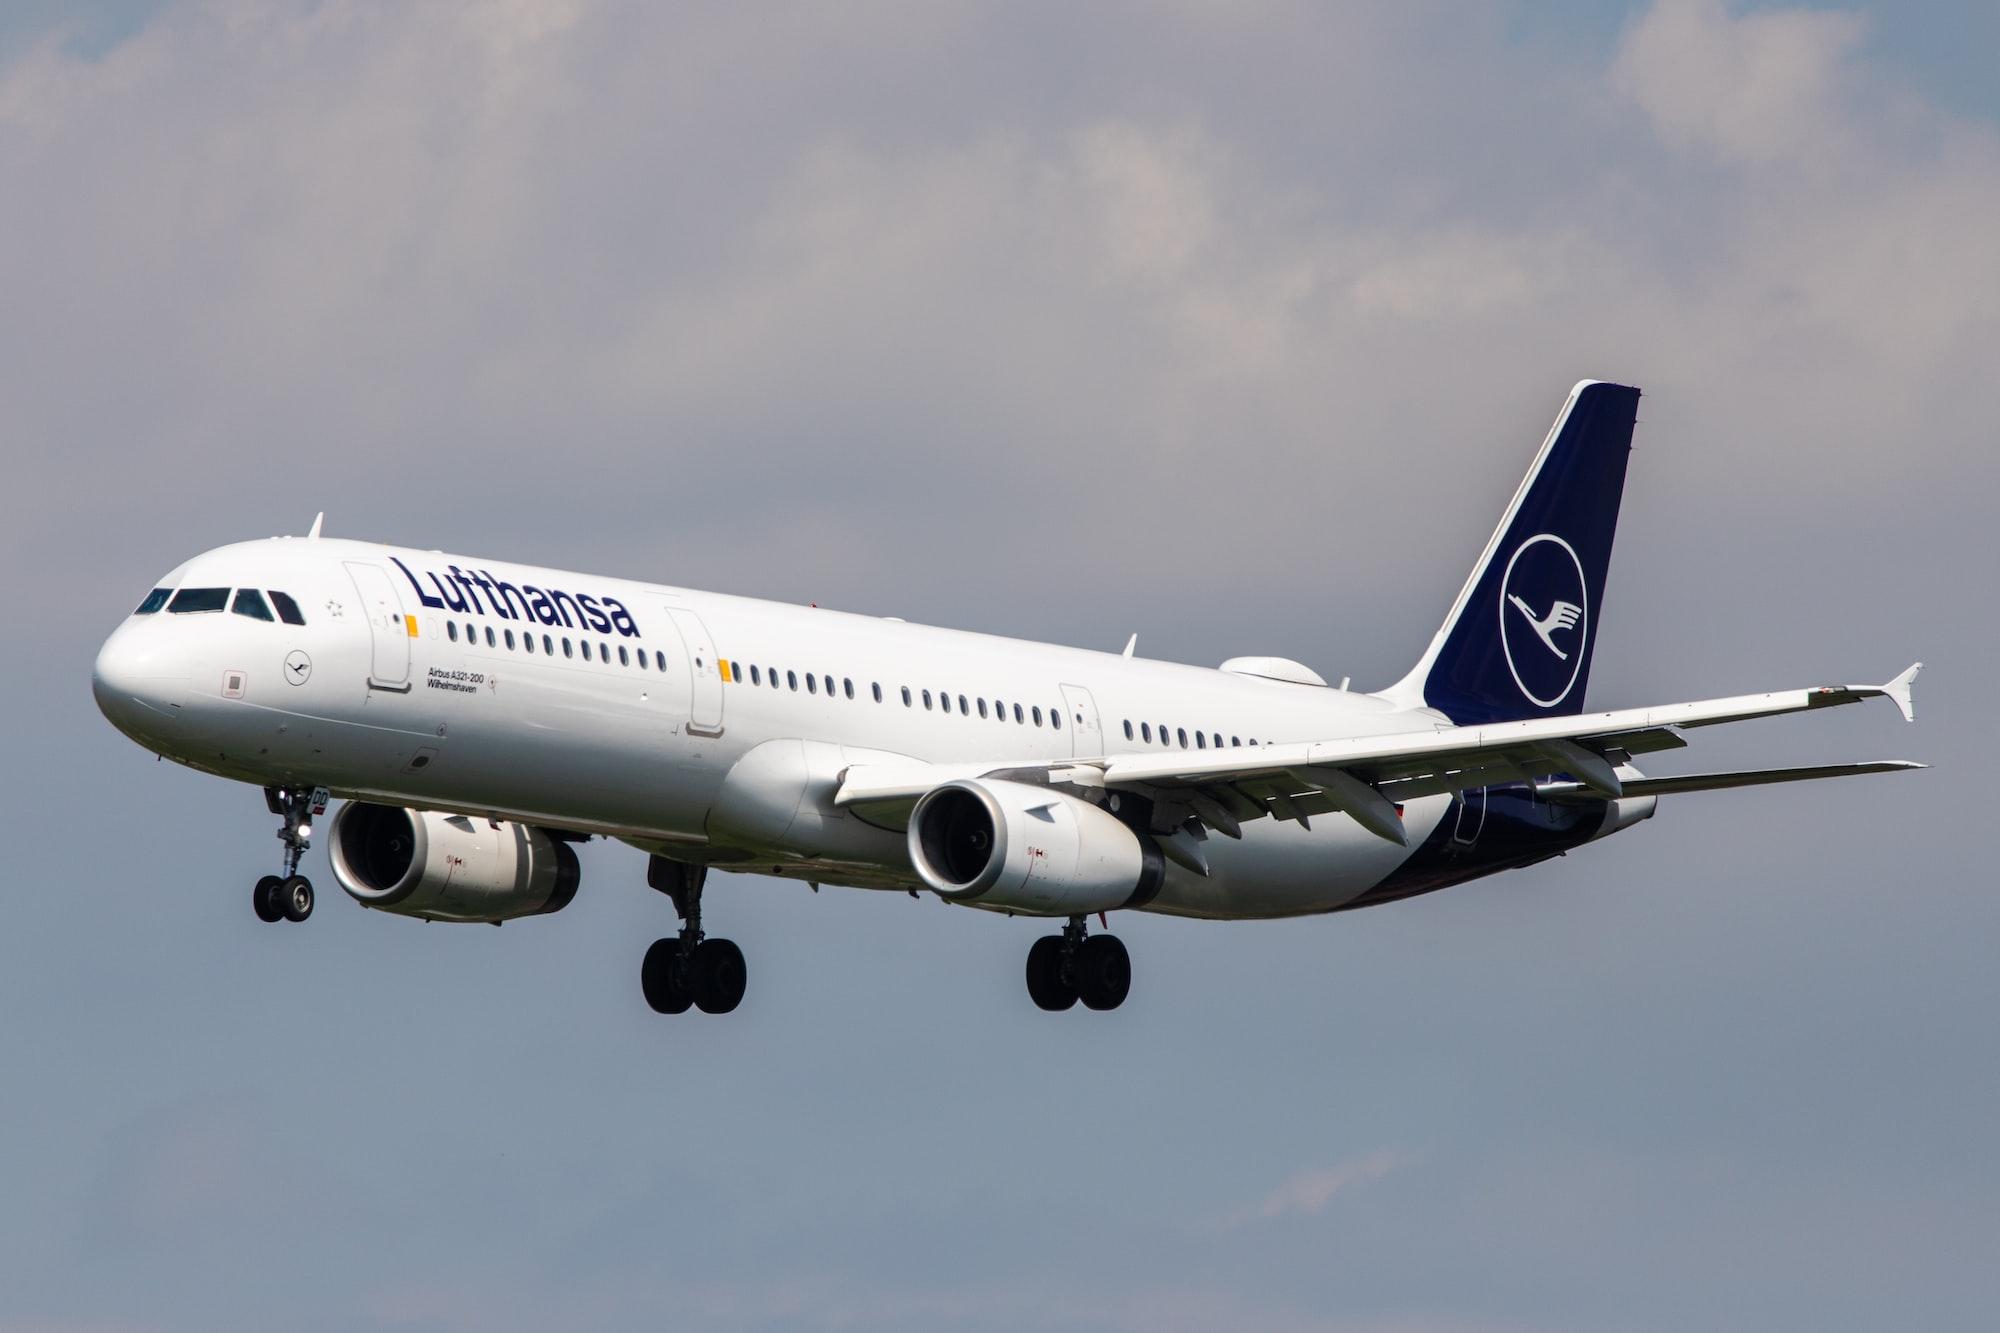 Avion Lufthansa dans le ciel